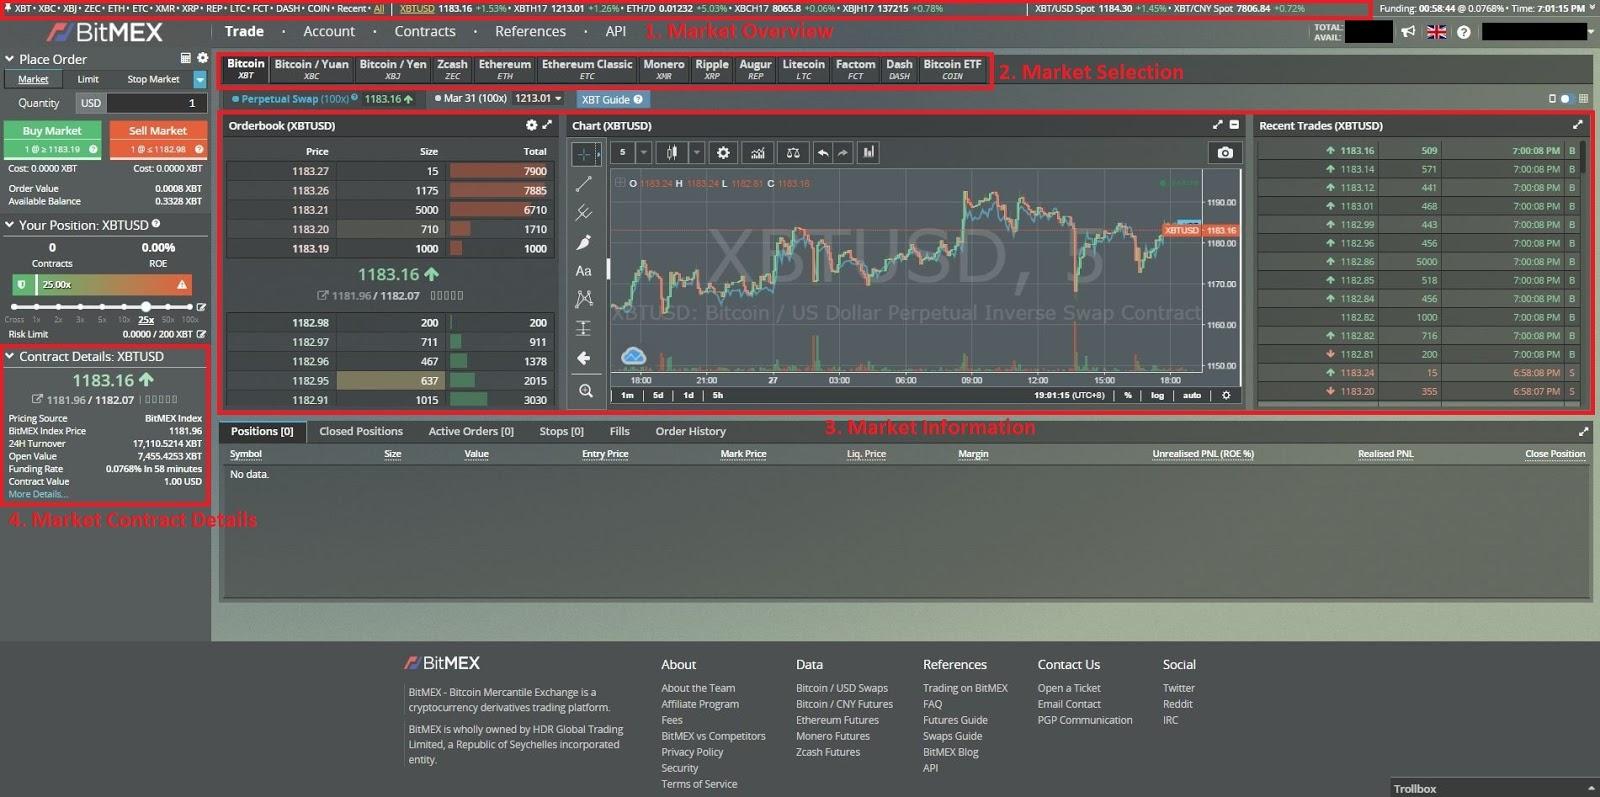 Margin Trading - TradeStation